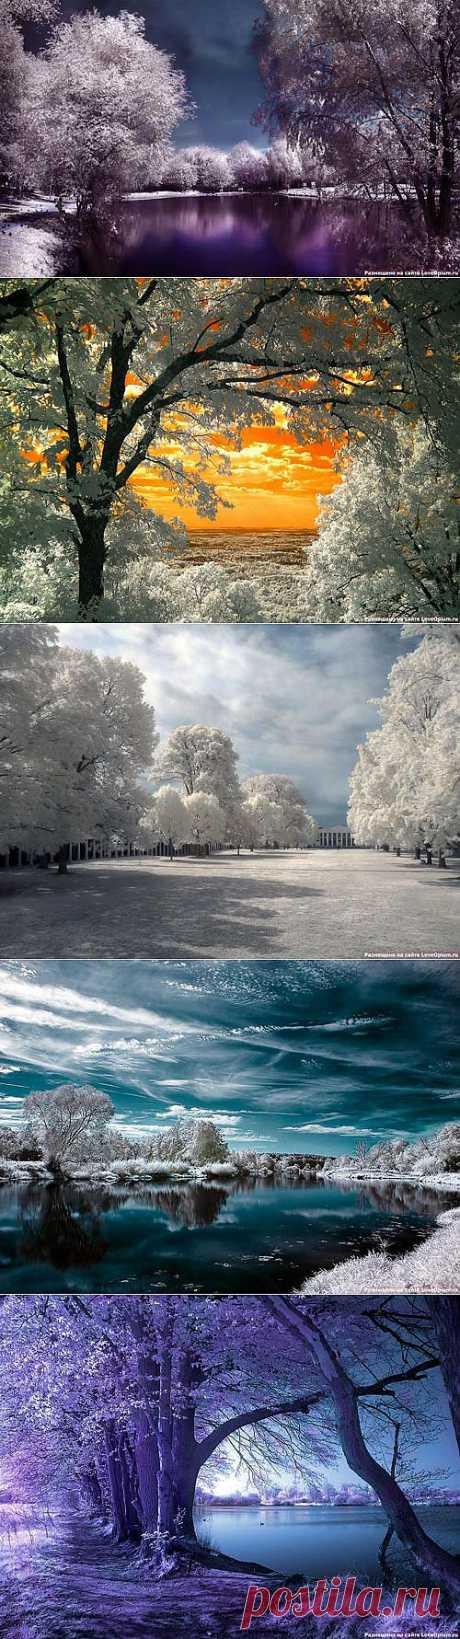 Las fotografías extraordinarias infrarrojas (la parte 1)